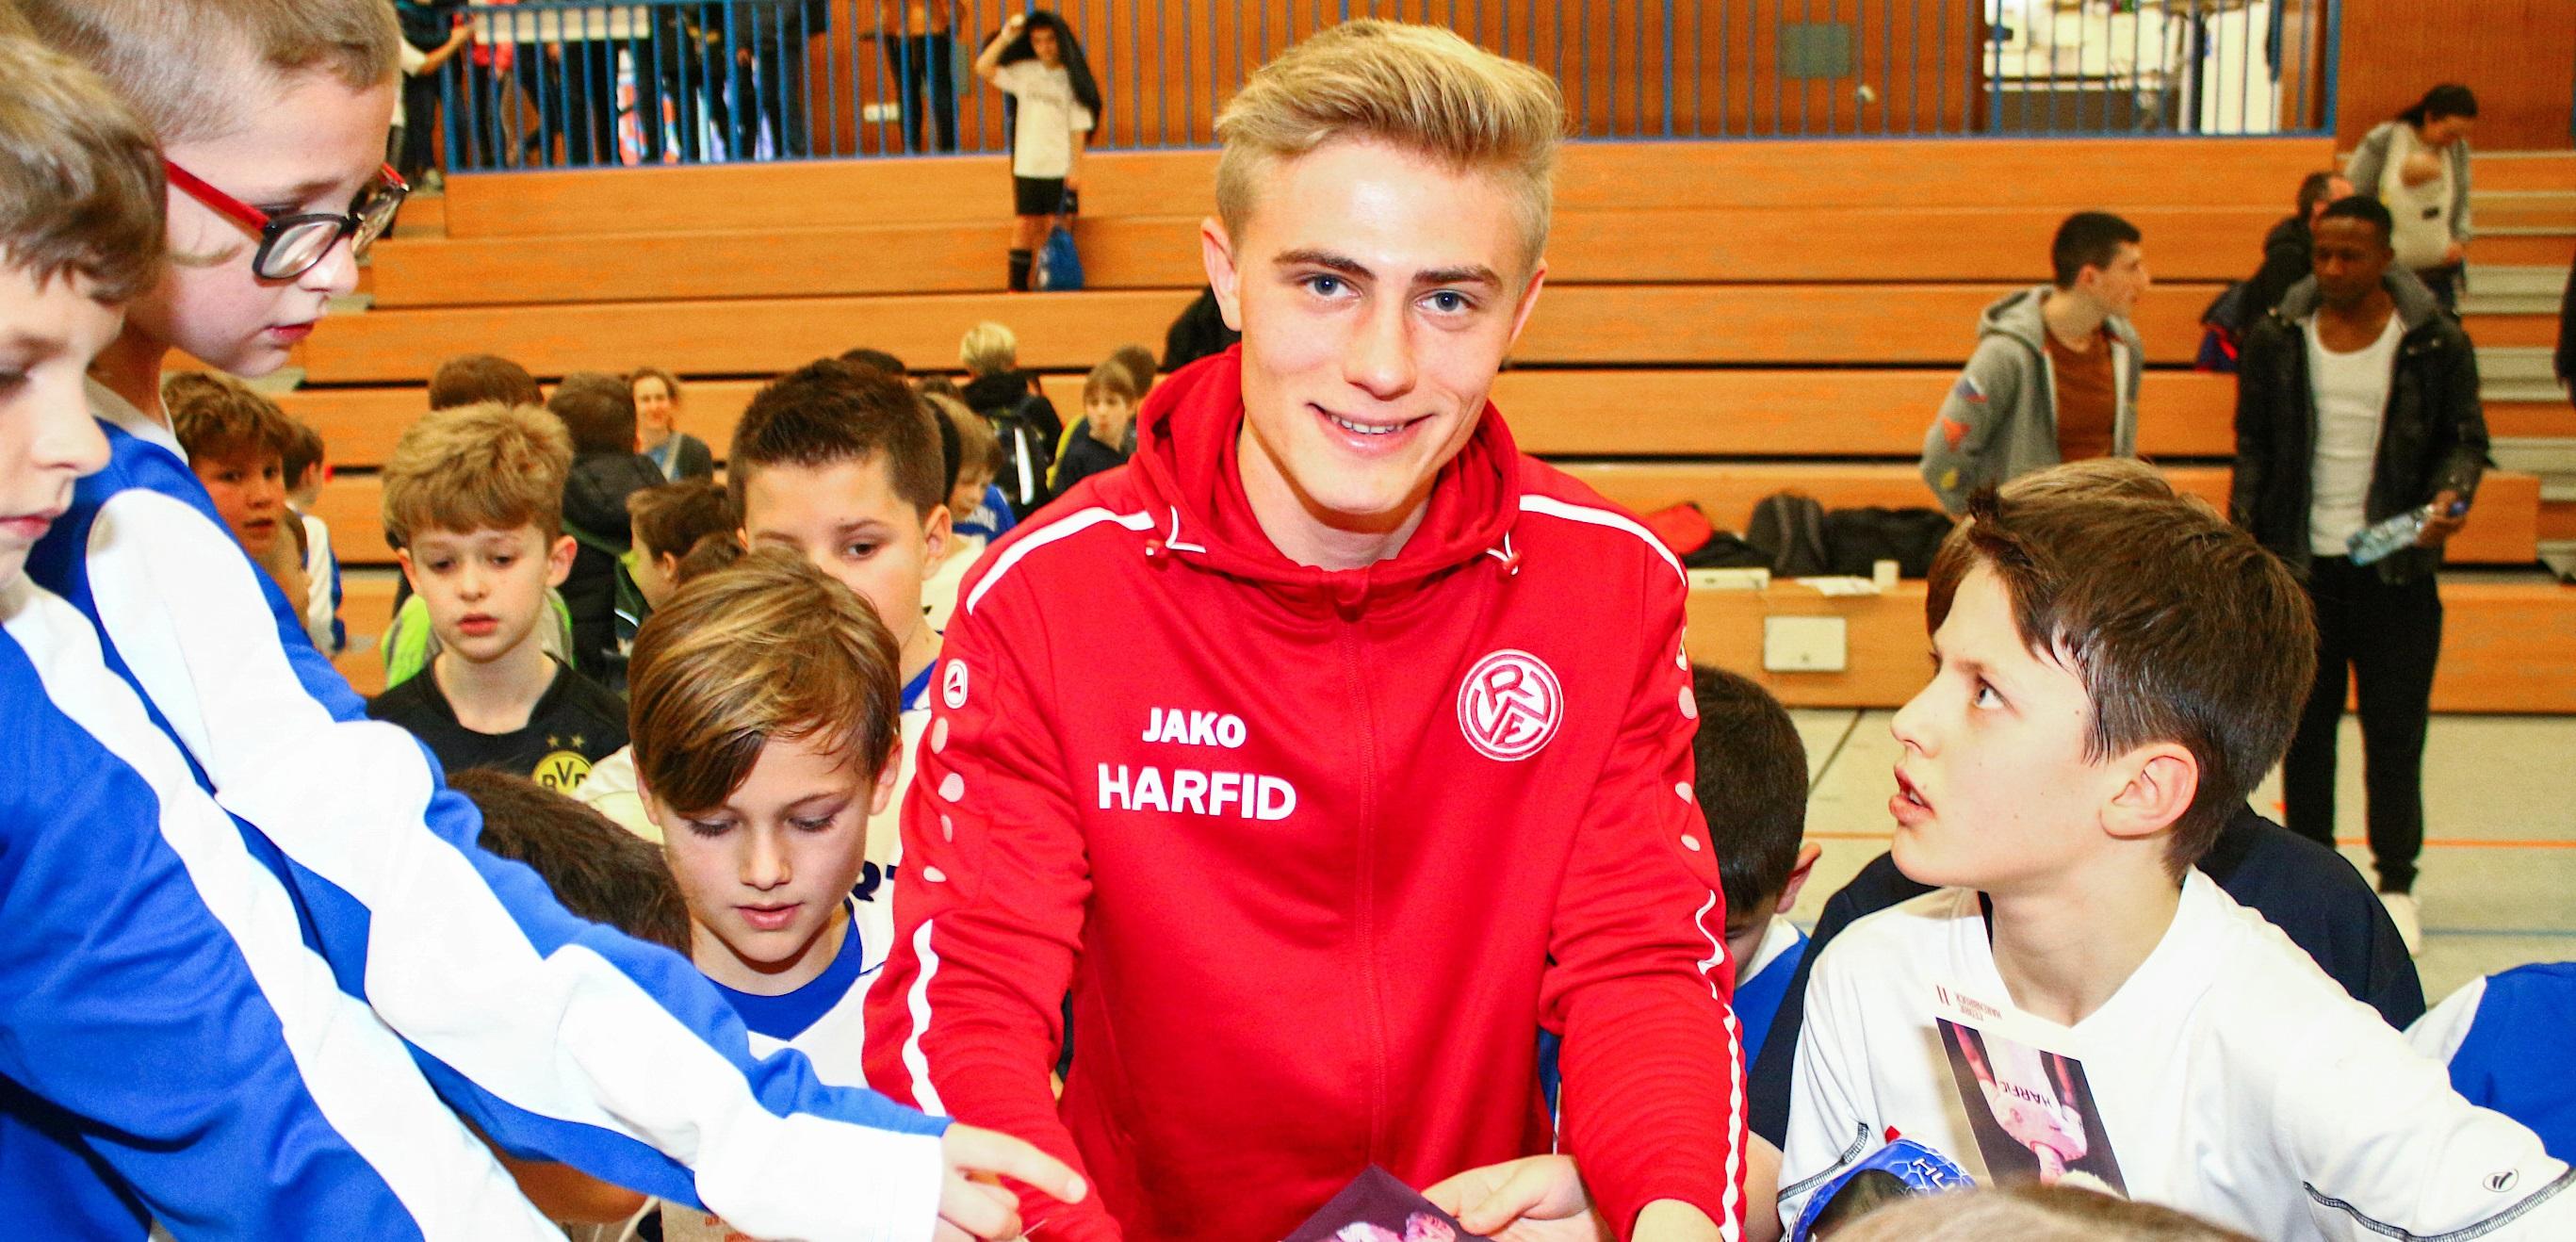 Besuch aus Bergeborbeck: Cedric Harenbrock von Rot-Weiss Essen schrieb fleißig Autogramme und nahm sich Zeit für die vielen Fragen der Kids. (Foto: EC)